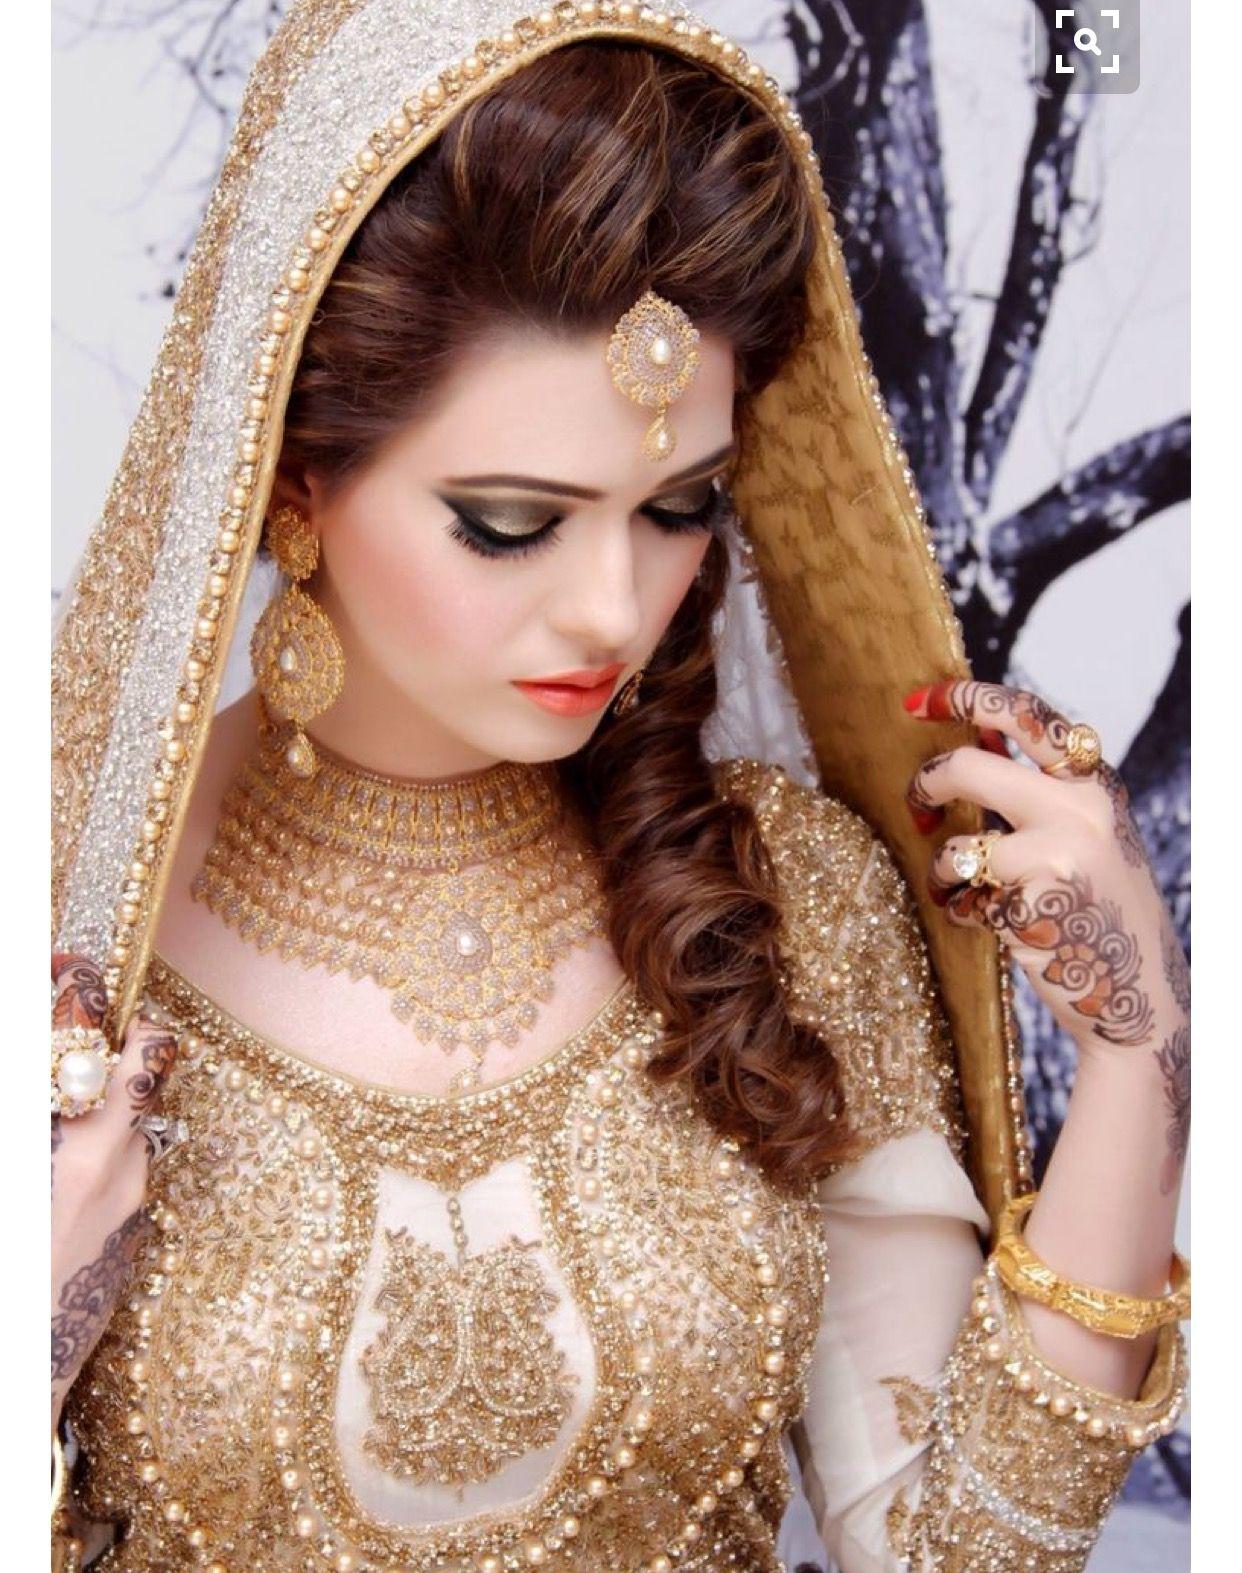 Pin by Jawahir Hassani on Fashion Pinterest